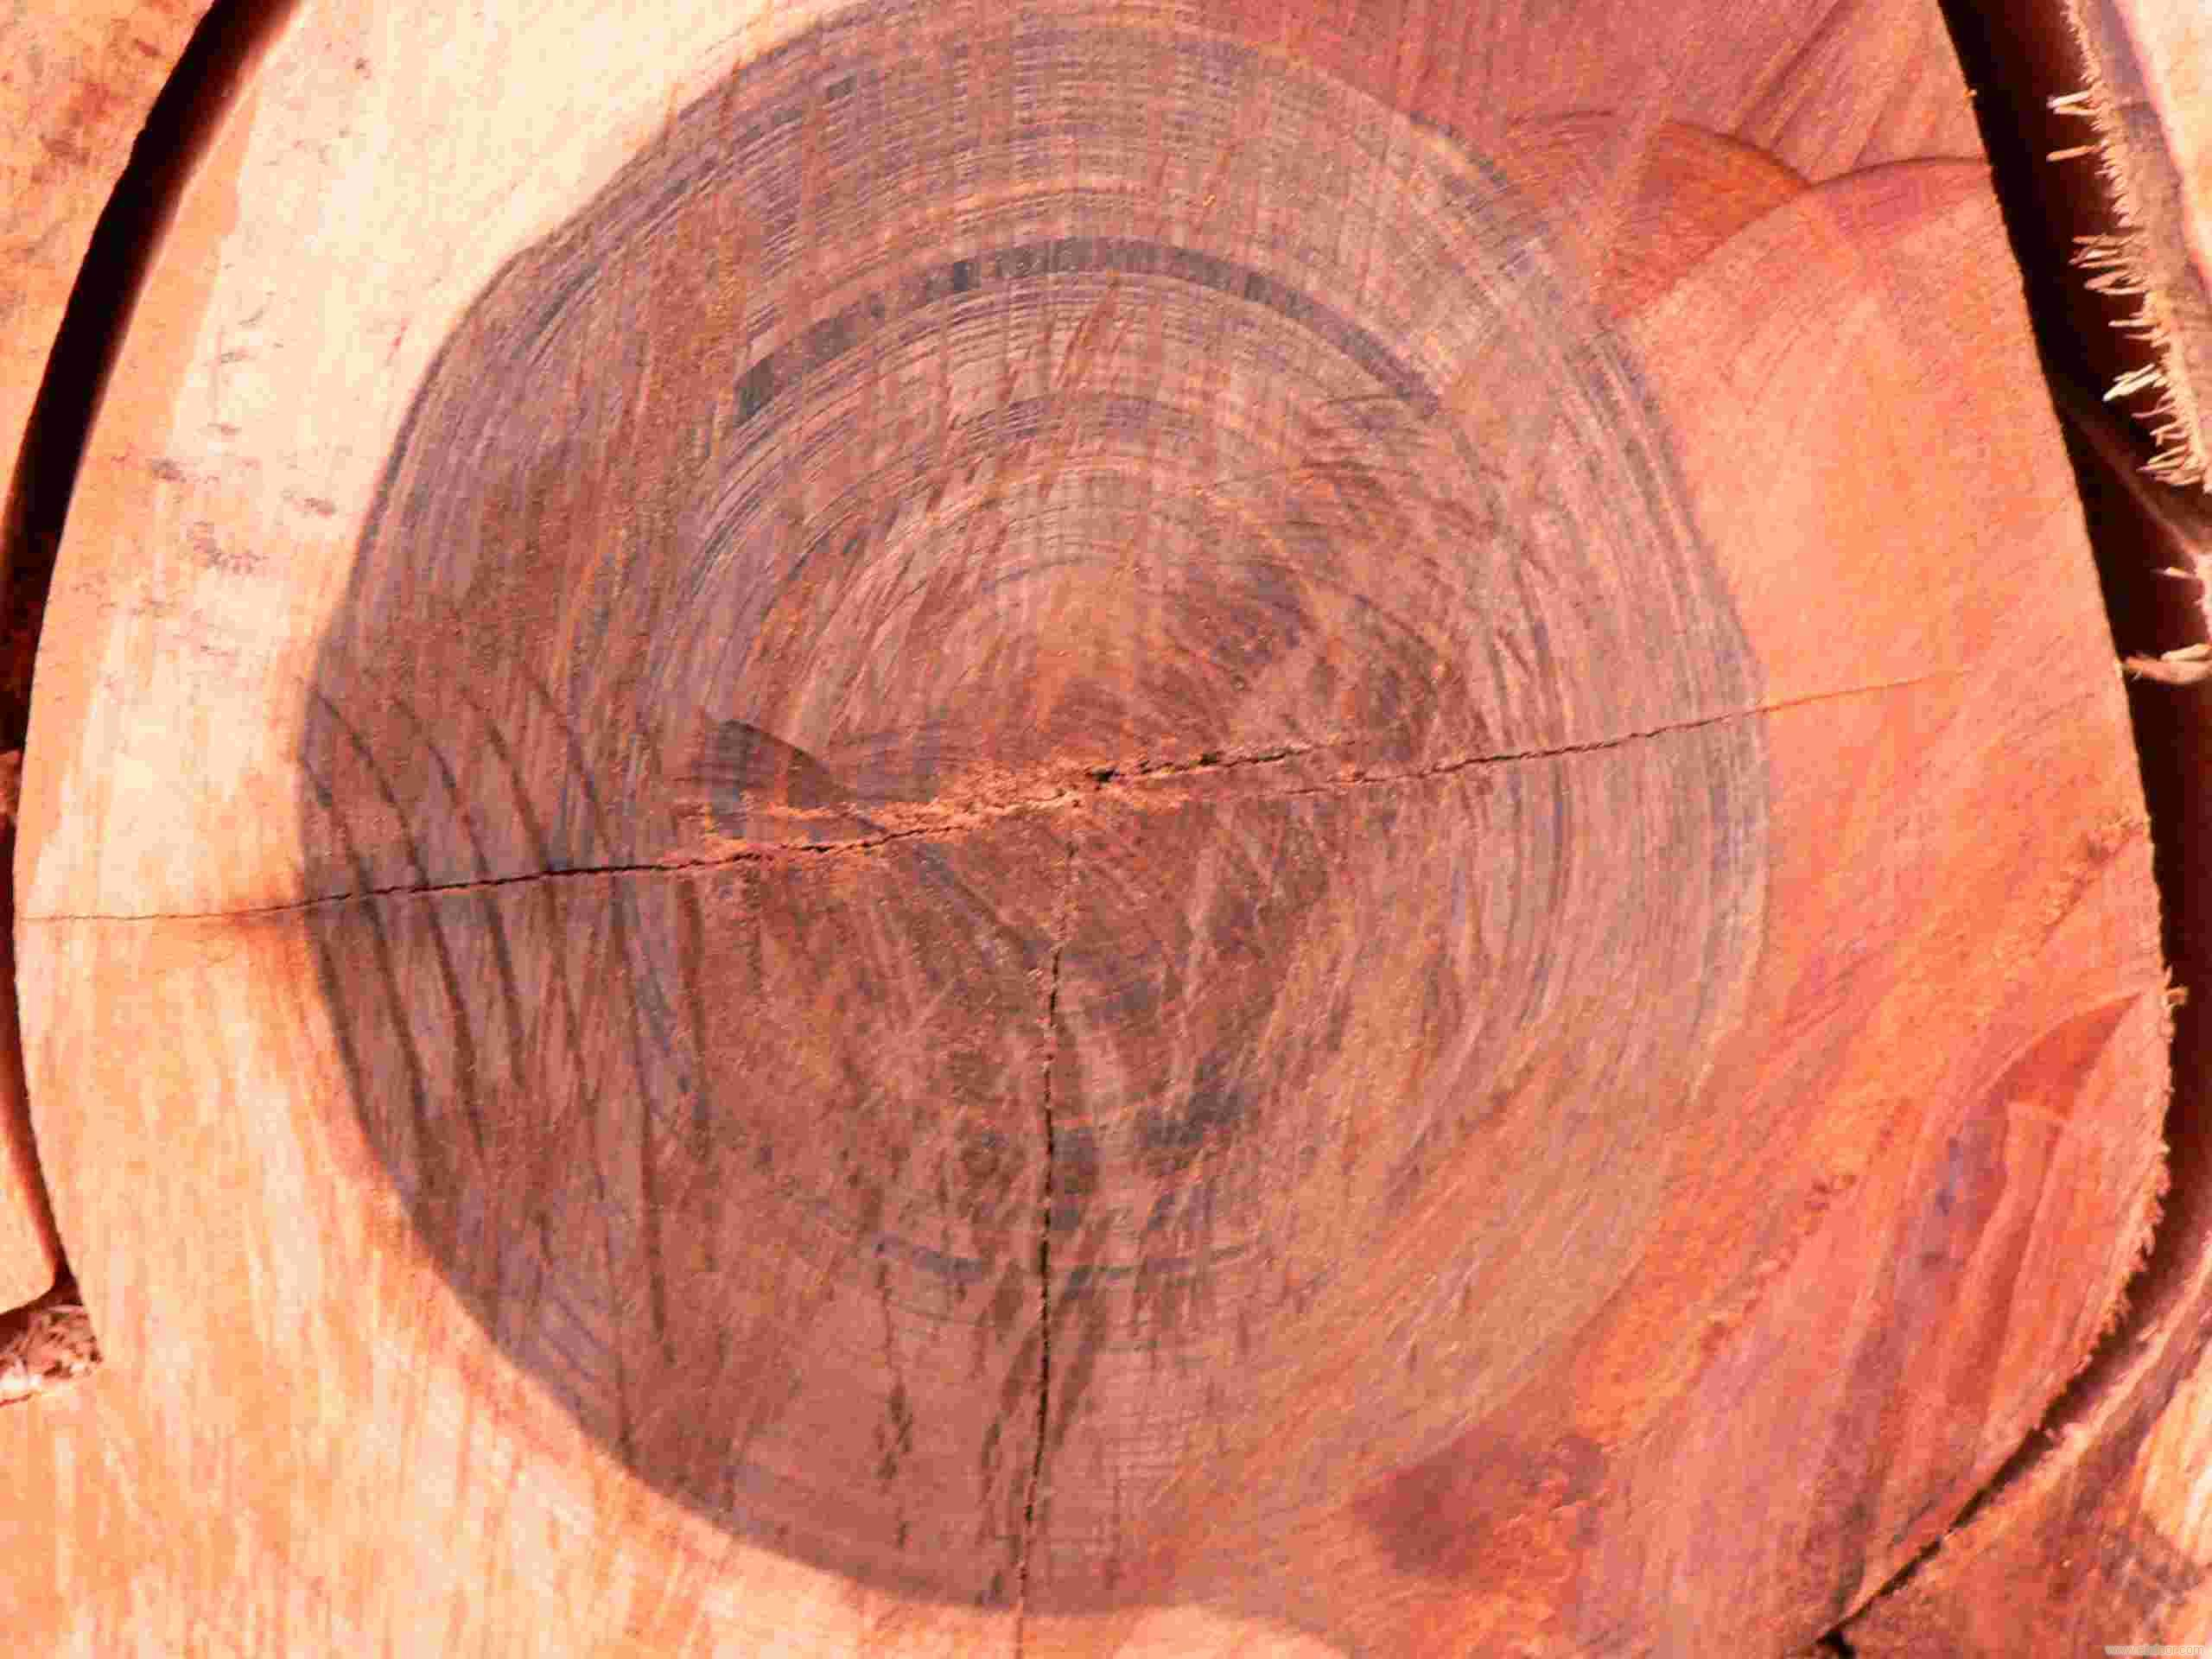 上海木皮代理商,上海木皮代理销售,上海木皮进口代理,上海木皮进口总经销,上海木皮进出口,上海木皮出口FSC,